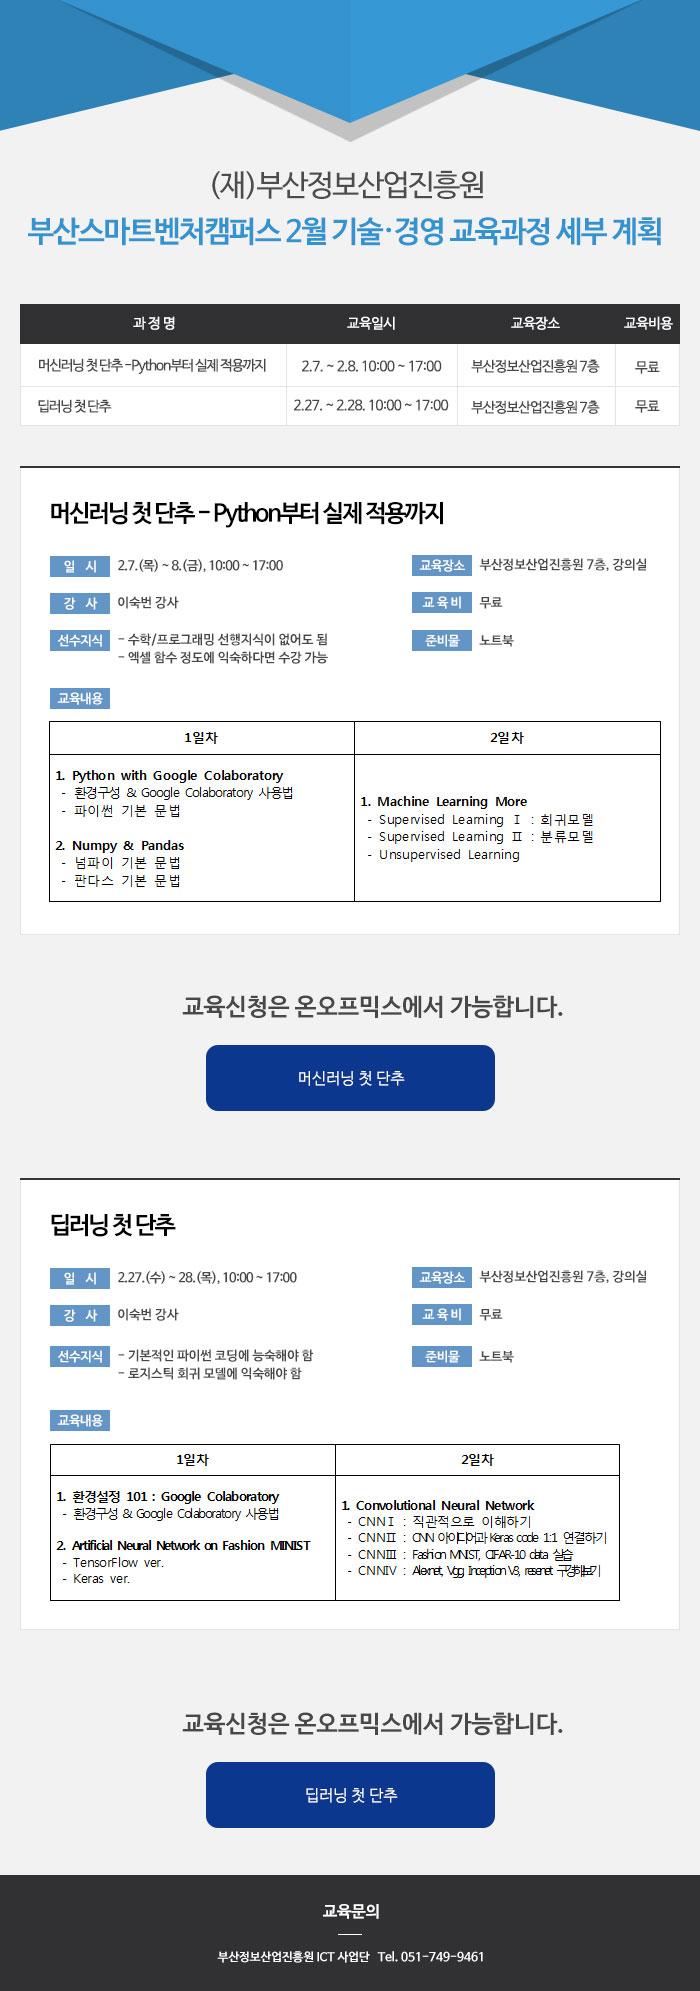 (재) 부산정보산업진흥원 부산스마트벤처캠퍼스 2월 기술·경영 교육과정 세부 계획